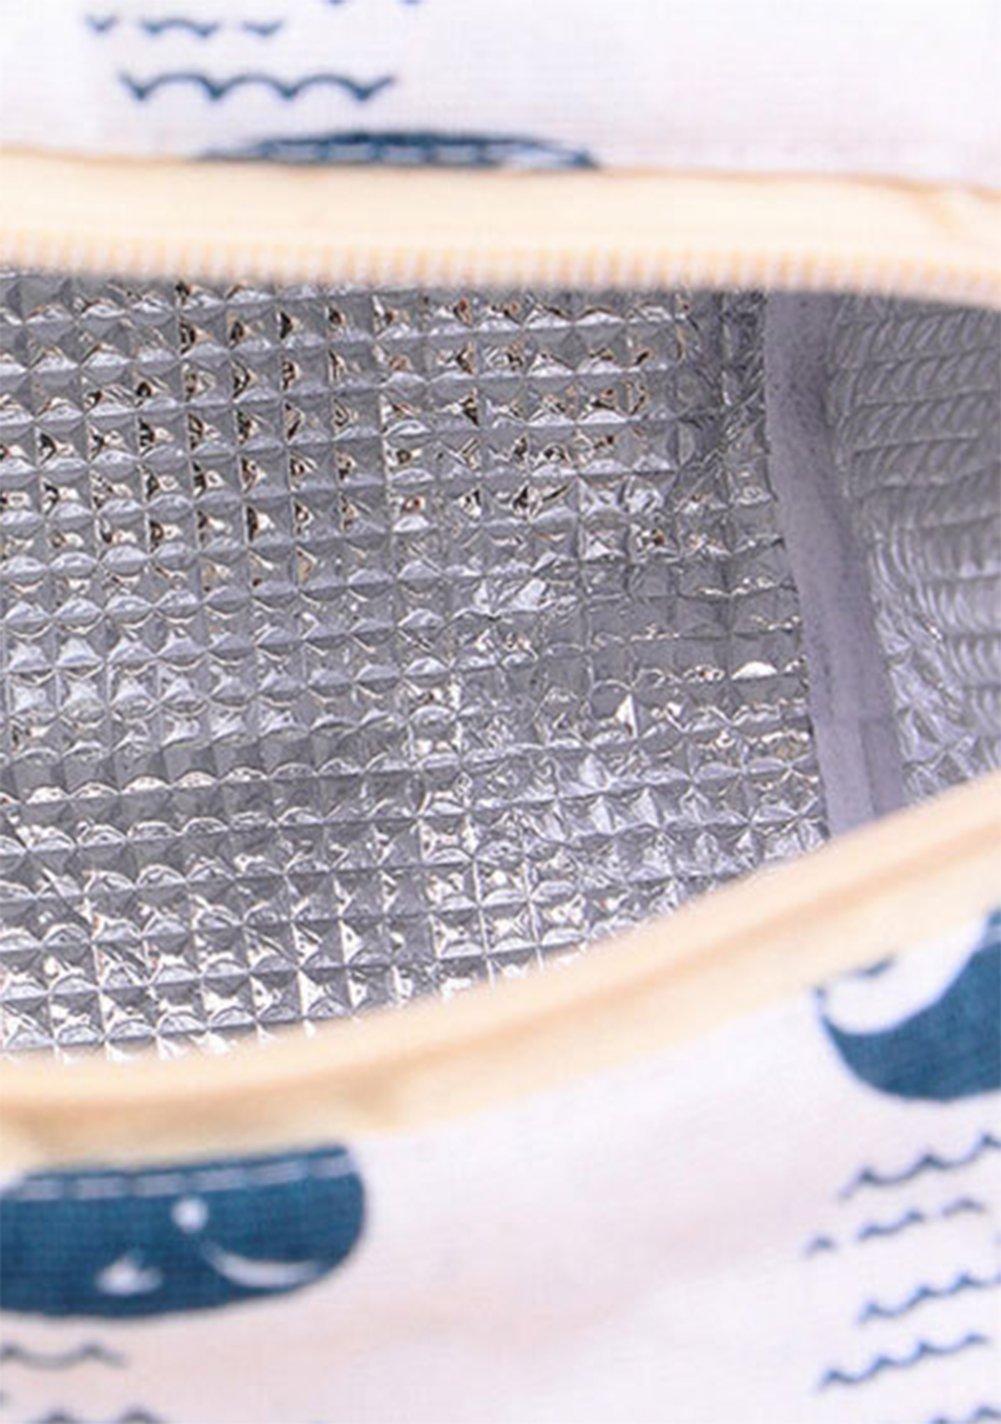 hosaire Borsa porta-pranzo pratica scatola di plastica sacchetto di pranzo in tela S balena motivo di orso borsa a mano grande capacit/à Borsa di viaggi